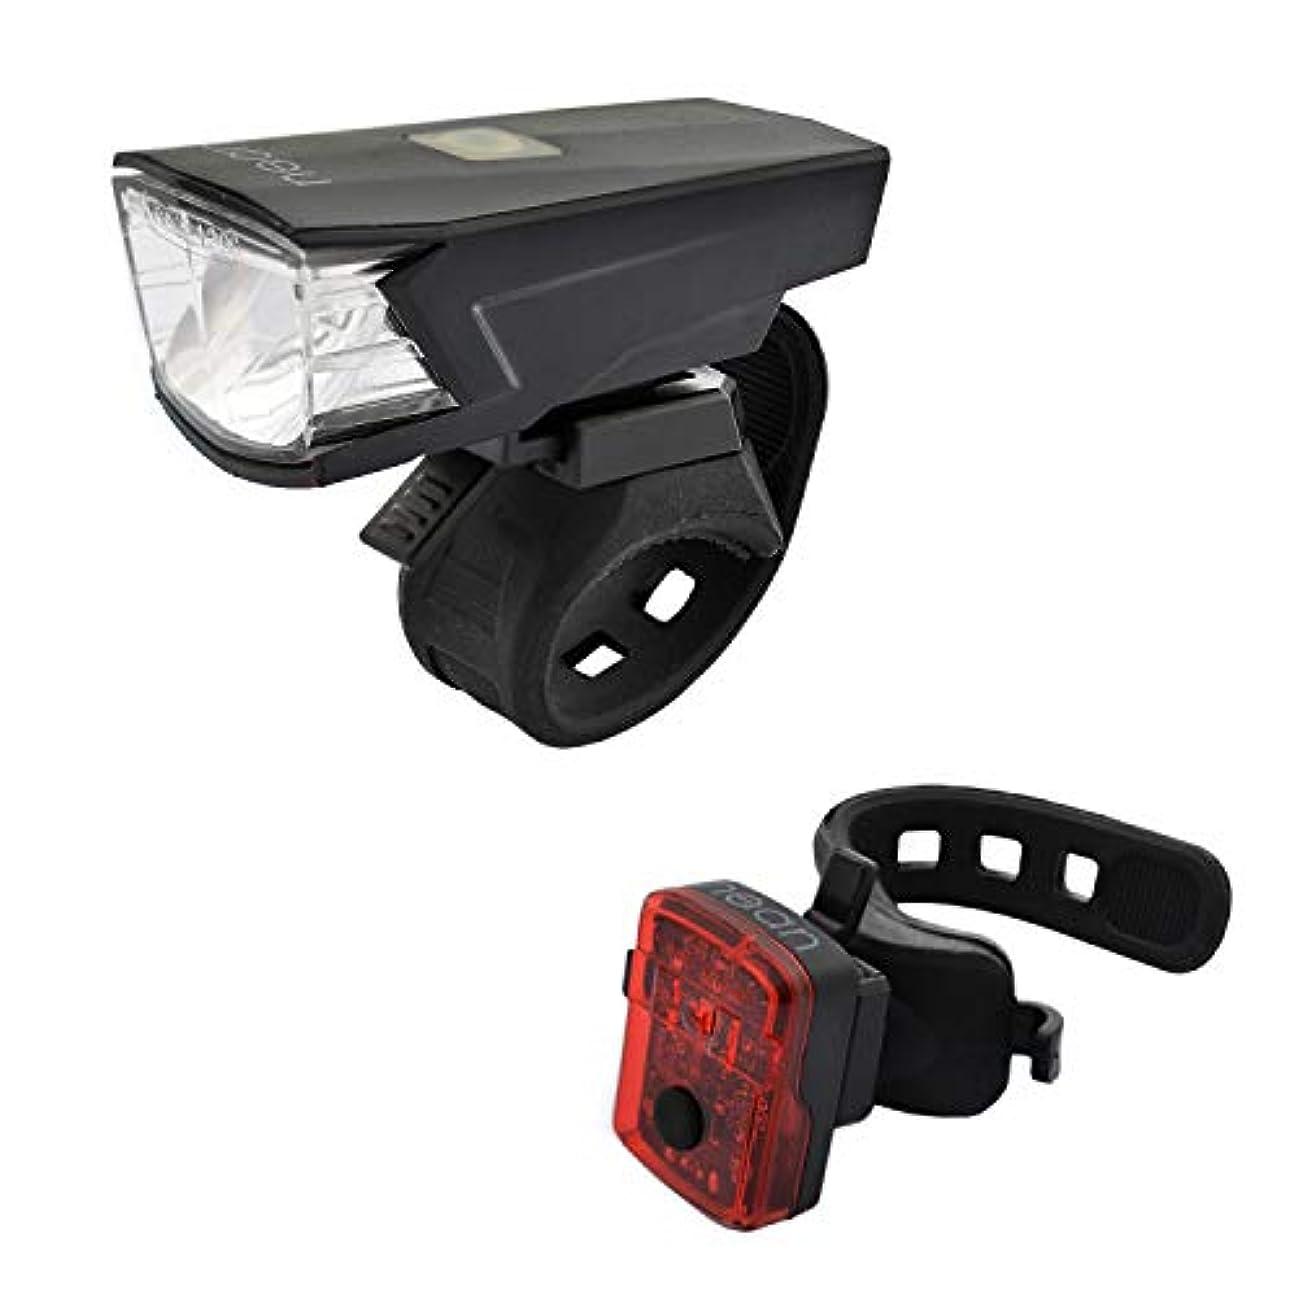 狂信者マウスピース無人バッテリーとStVZO認証30 LUX 5 Candela付きNEAN自転車用照明セット